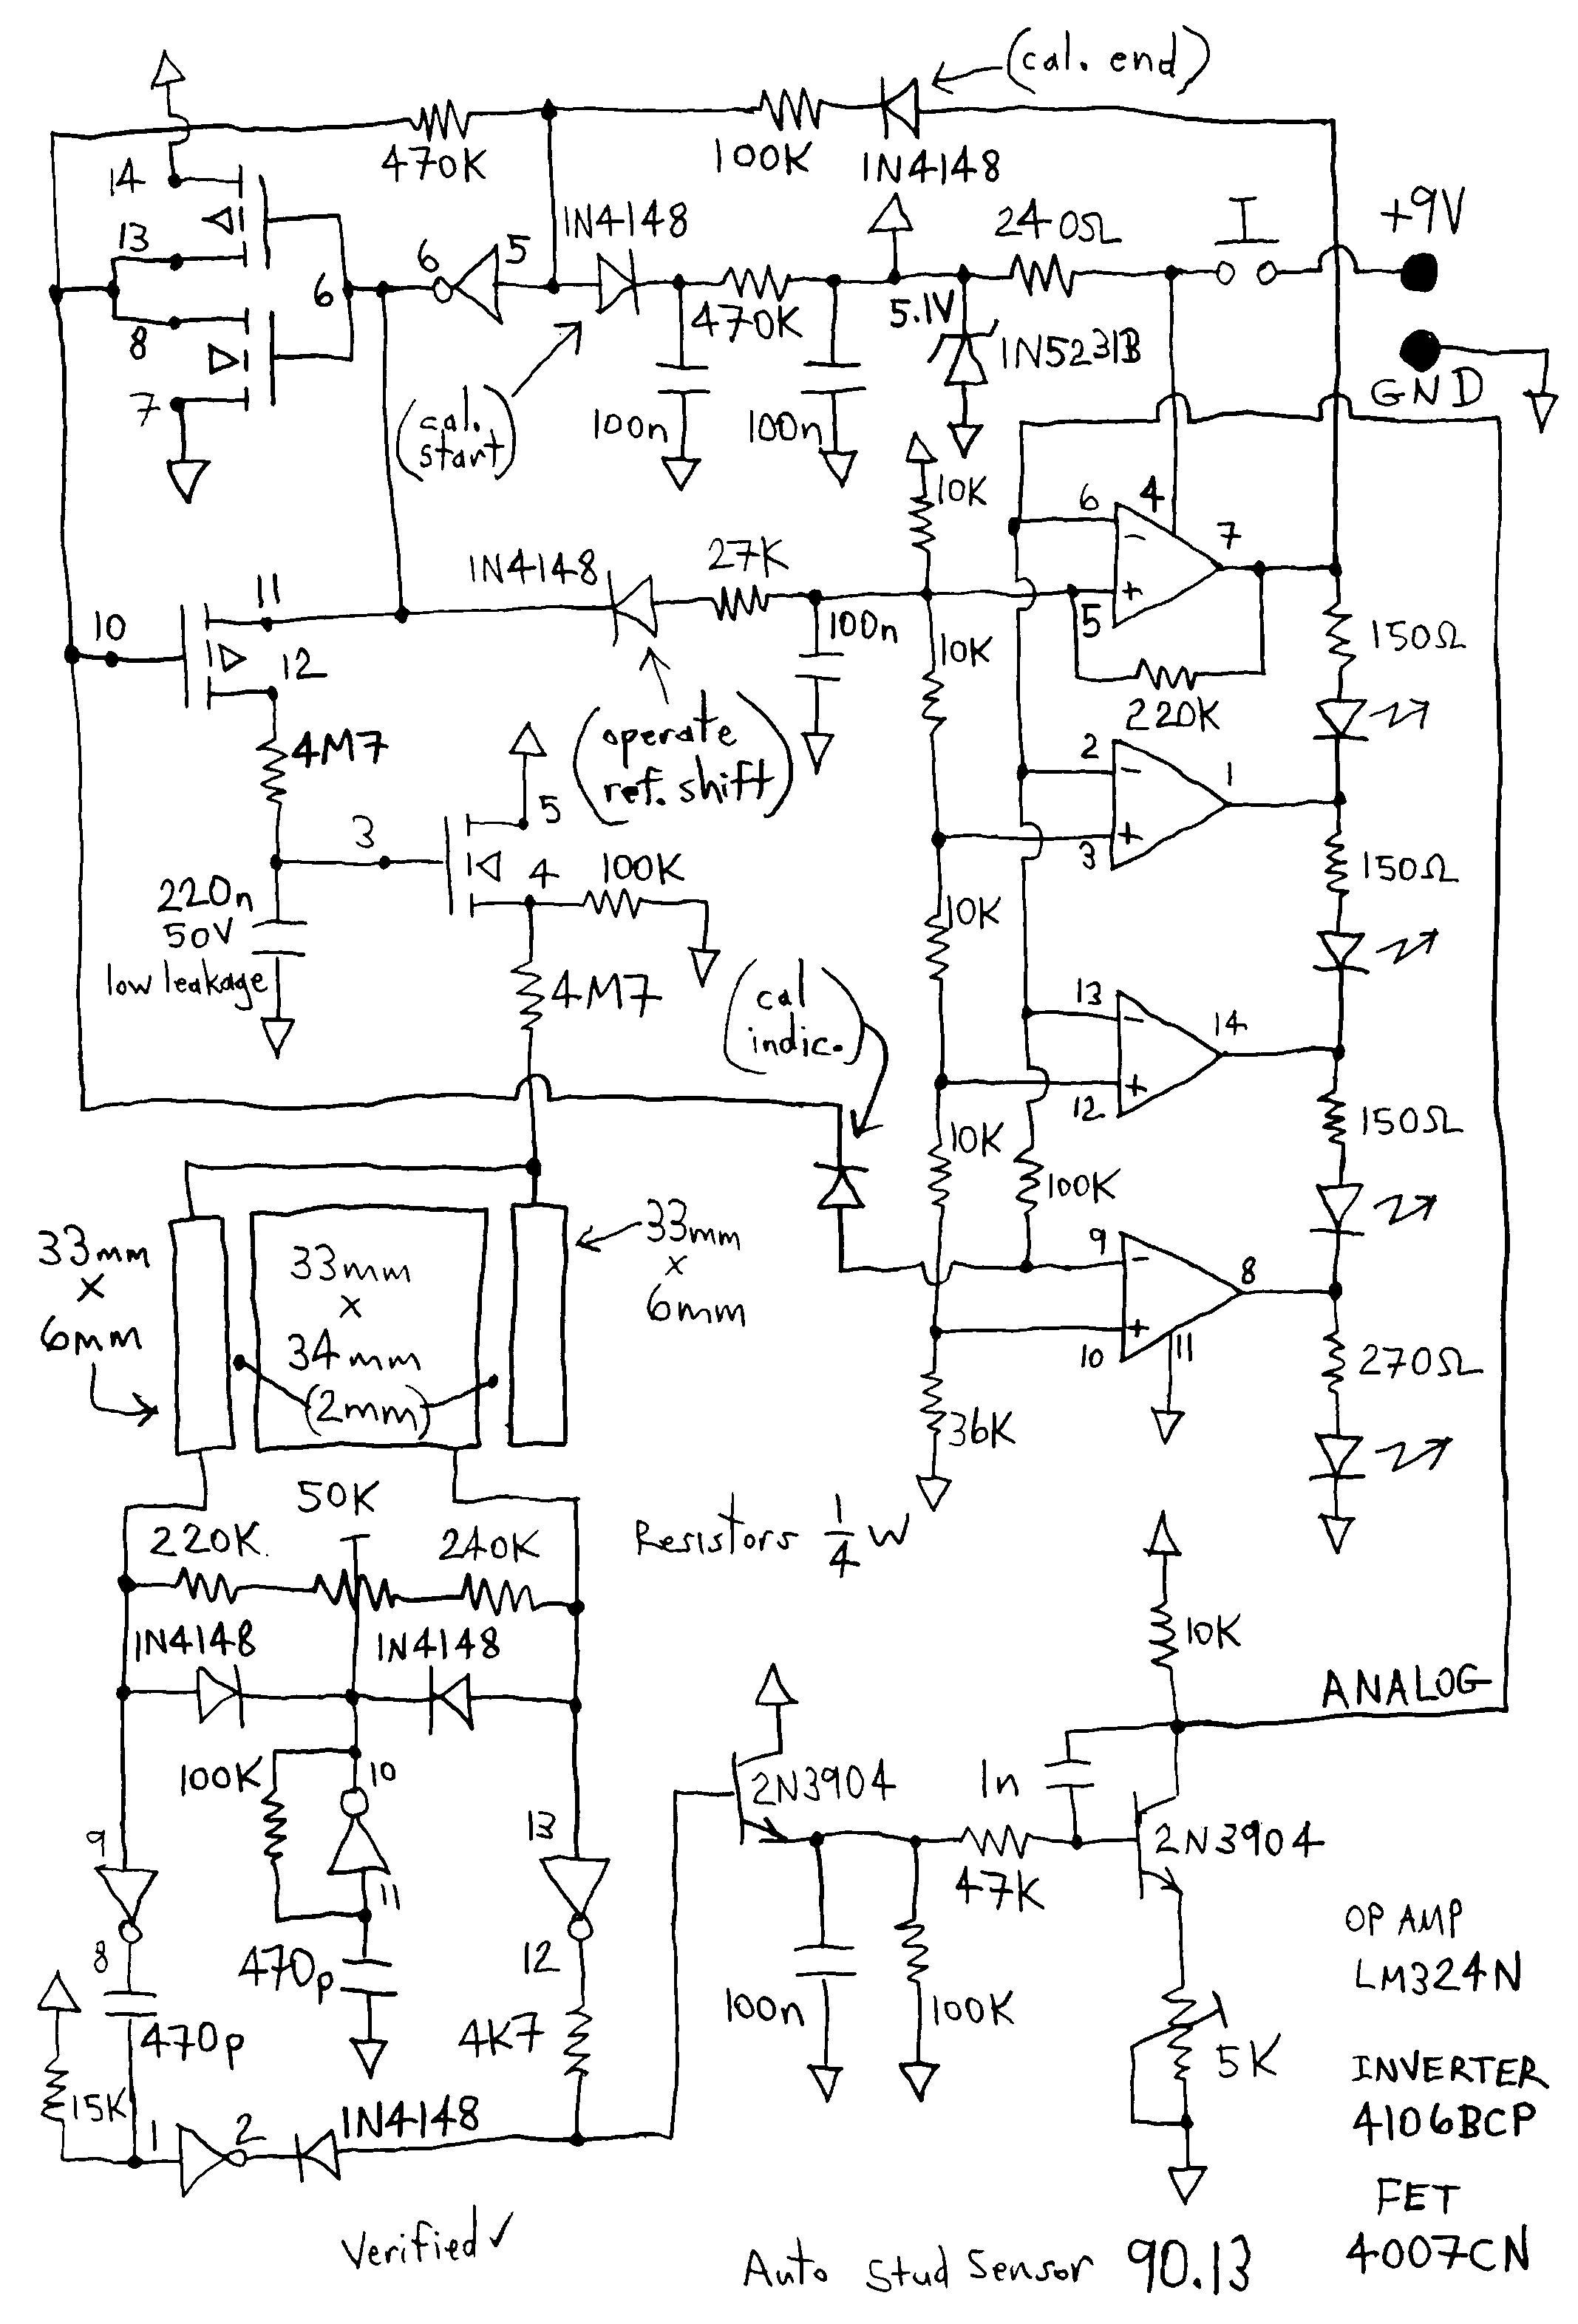 auto stud sensor under sensor circuits